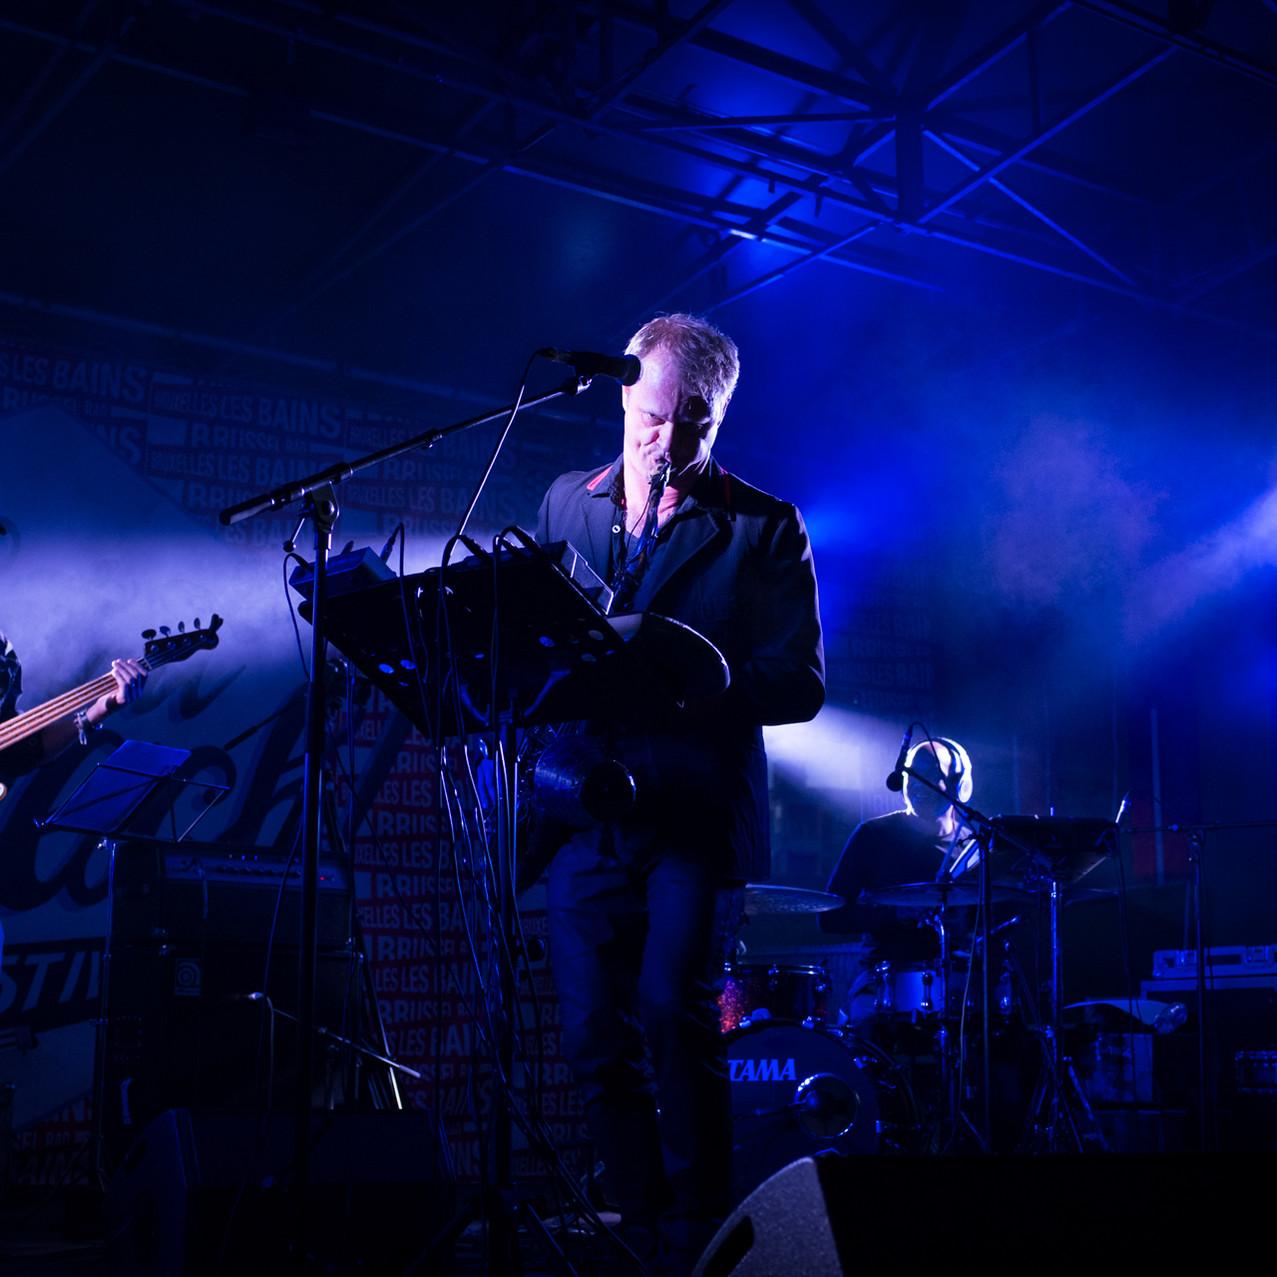 DERvISH live in 2015